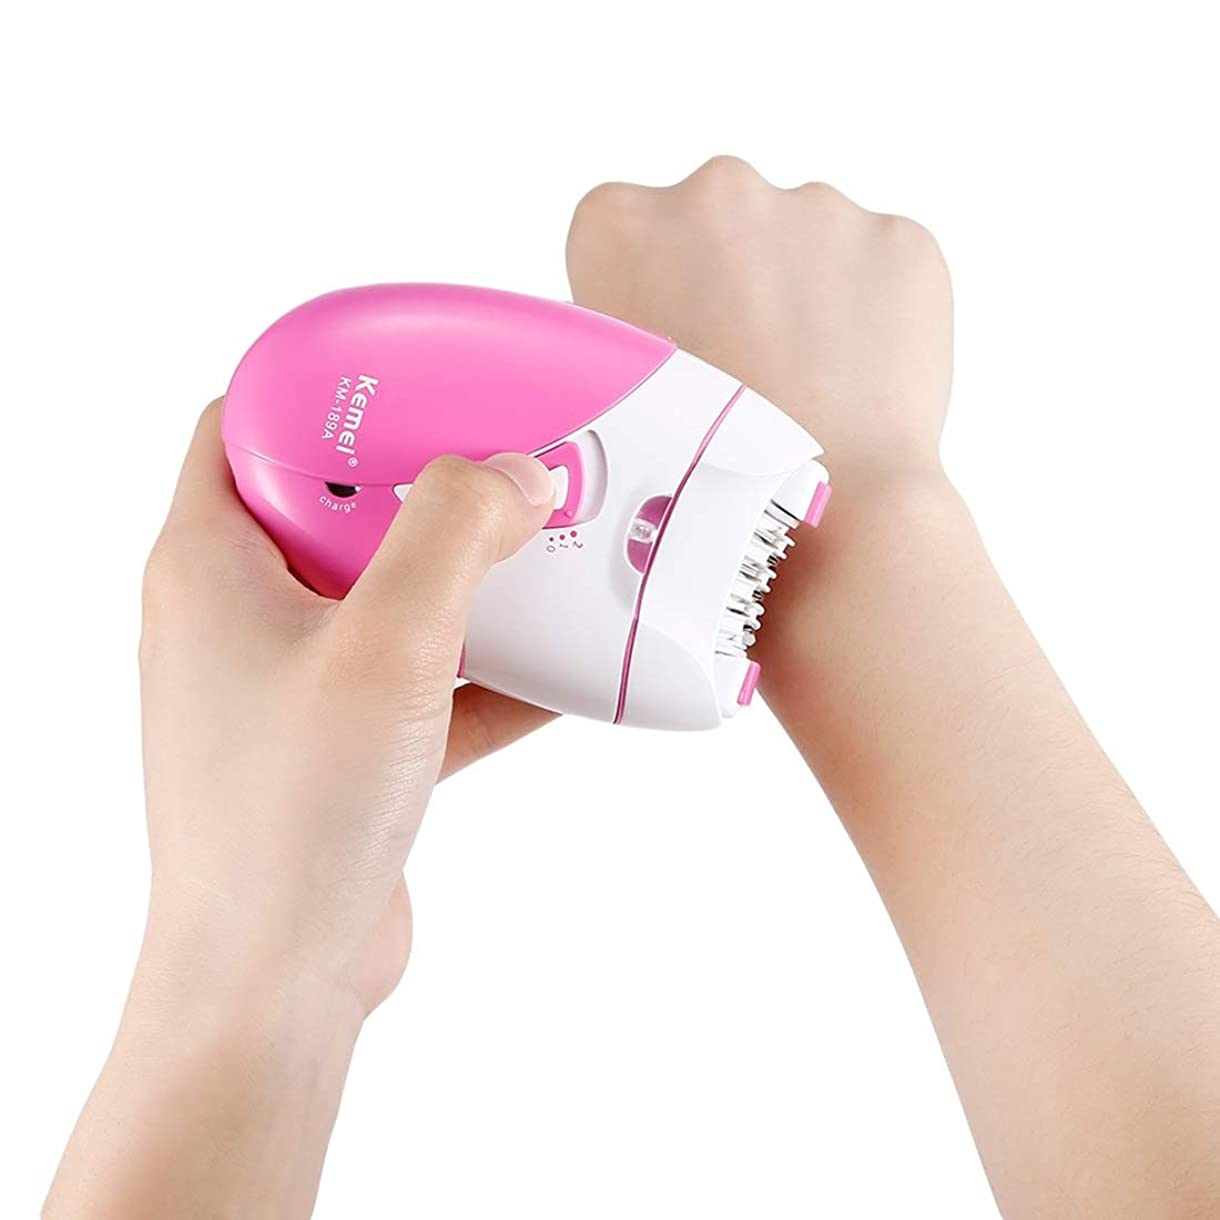 ミュウミュウ二次娘Trliy- Usb充電電動脱毛器、痛みのない脱毛器フェイシャルフェイスパーソナルケア美容機器ビキニボディ脇の下治療皮膚フラッシュかみそりシェーバートリマー